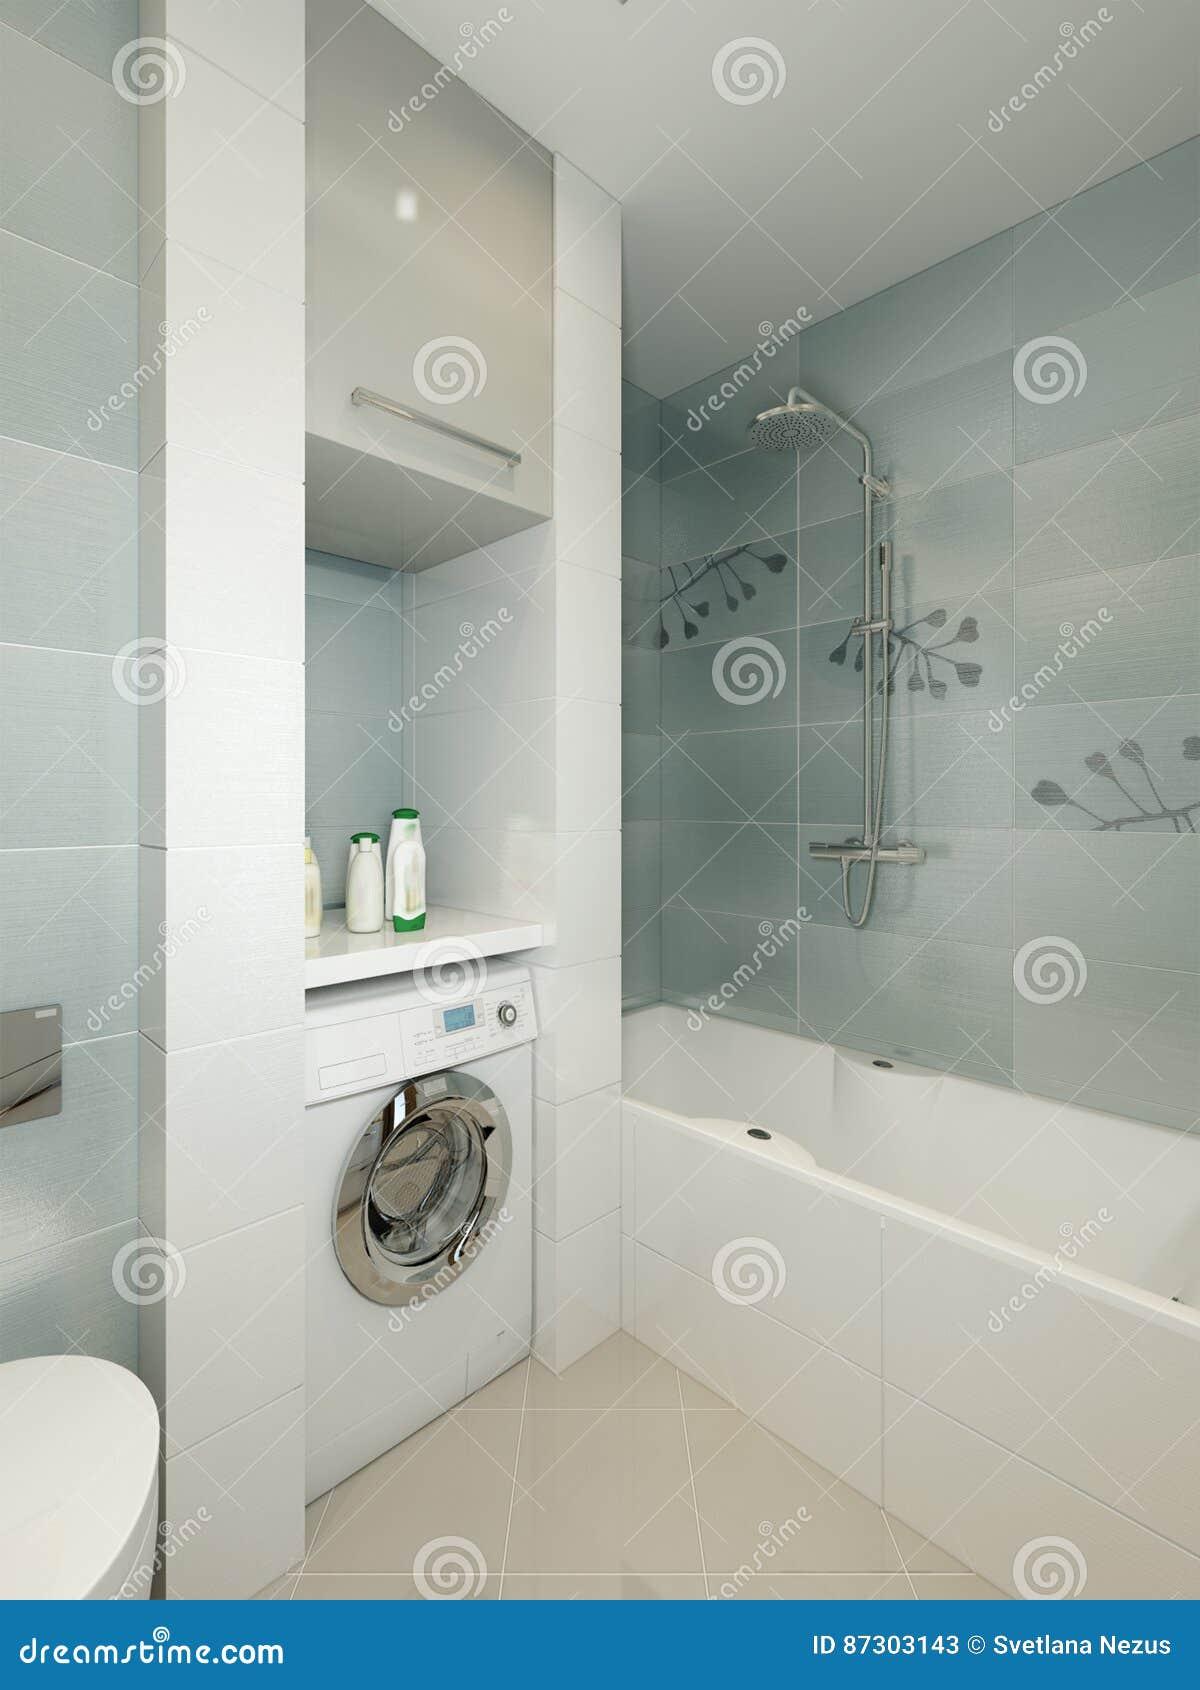 Moderner Badezimmerinnenraum Mit Den Weißen, Beige Und Grauen Fliesen